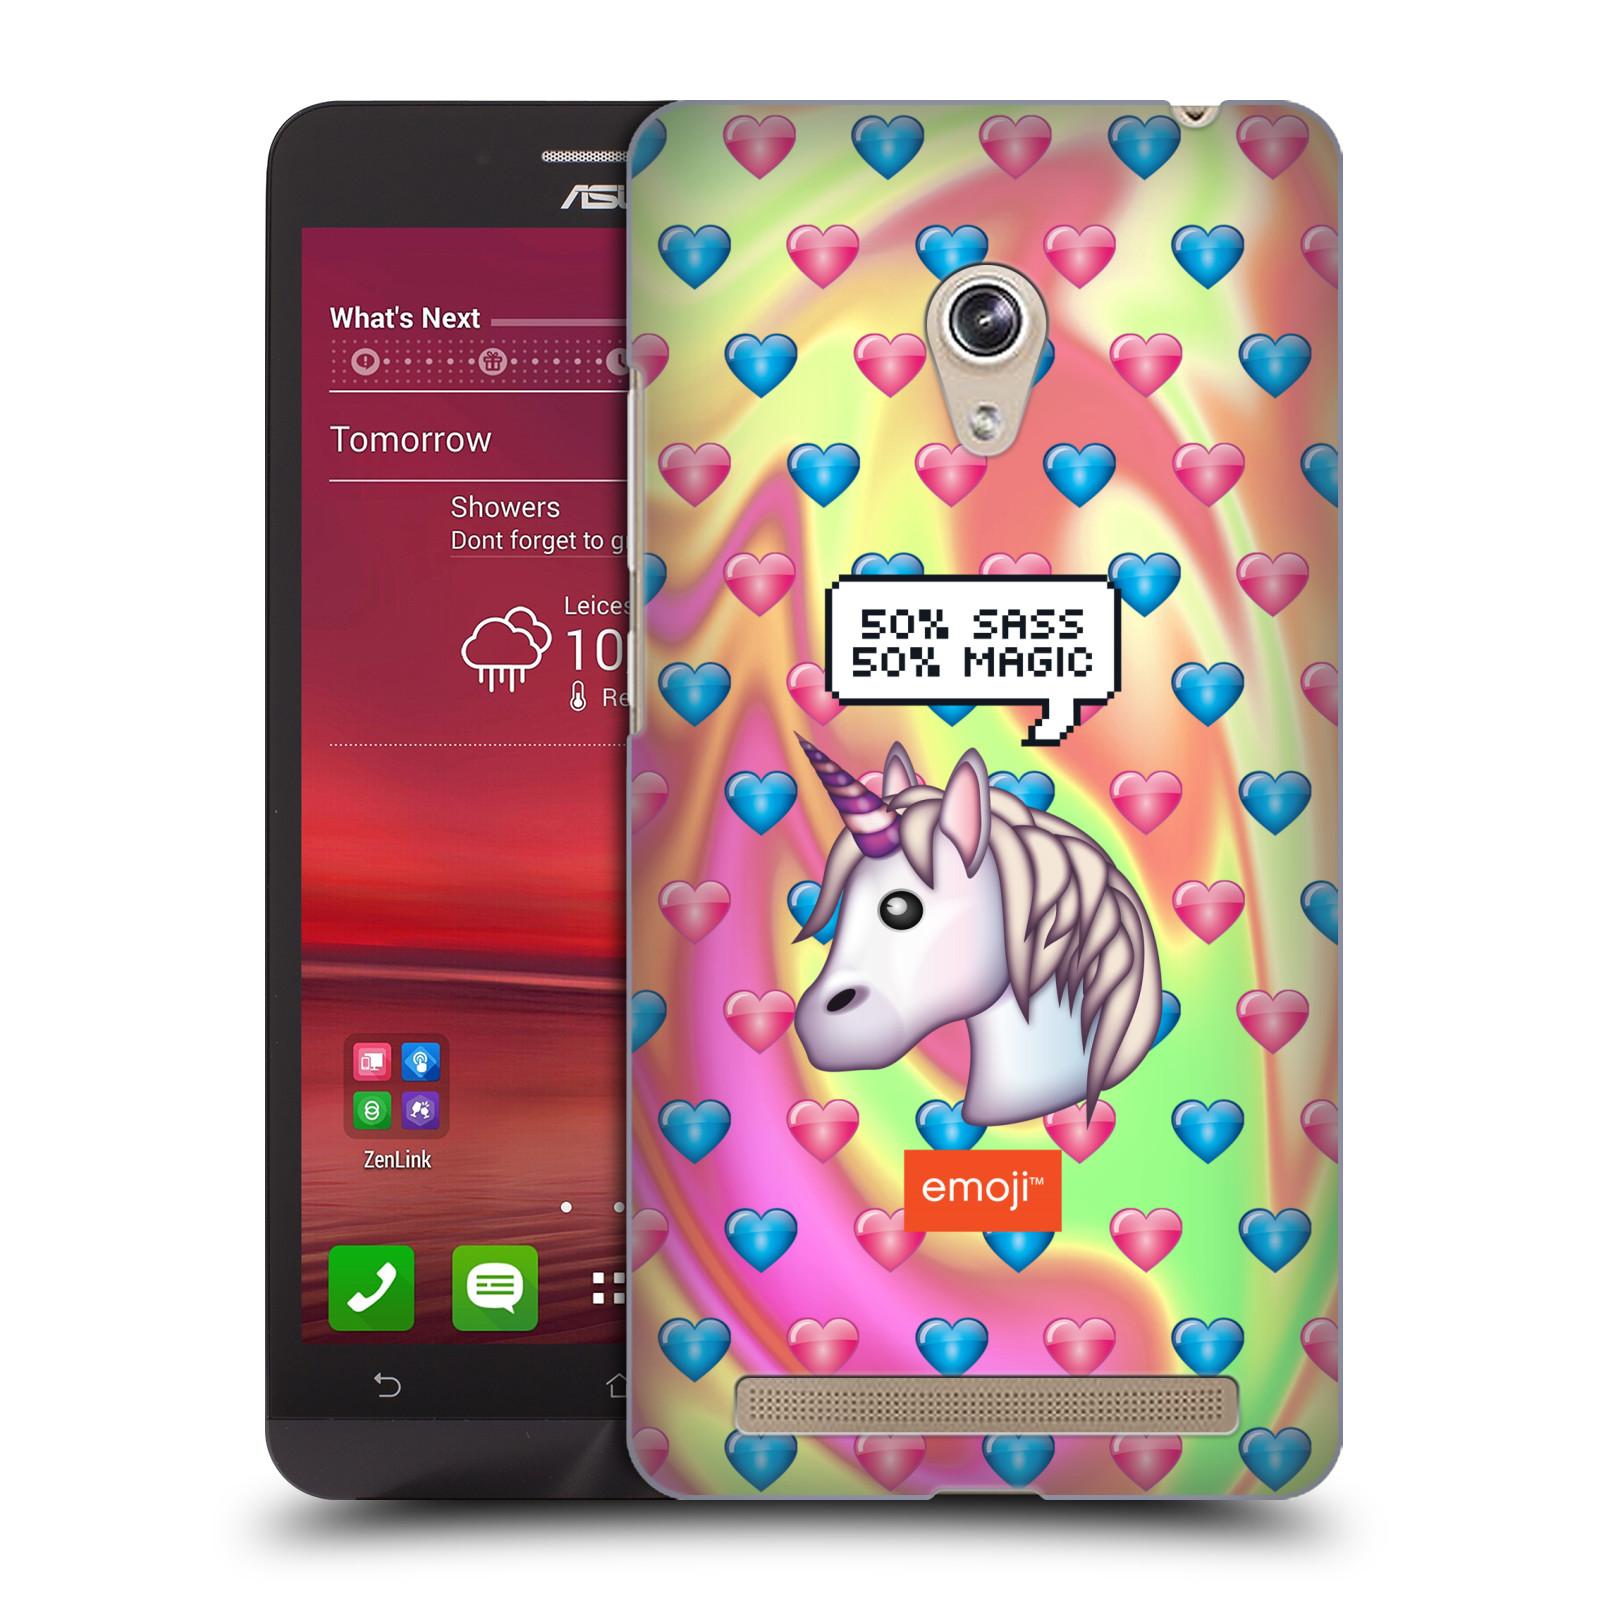 Plastové pouzdro na mobil Asus Zenfone 6 HEAD CASE EMOJI - Jednorožec (Kryt či obal s oficiálním motivem EMOJI na mobilní telefon Asus Zenfone 6 A600CG / A601CG)